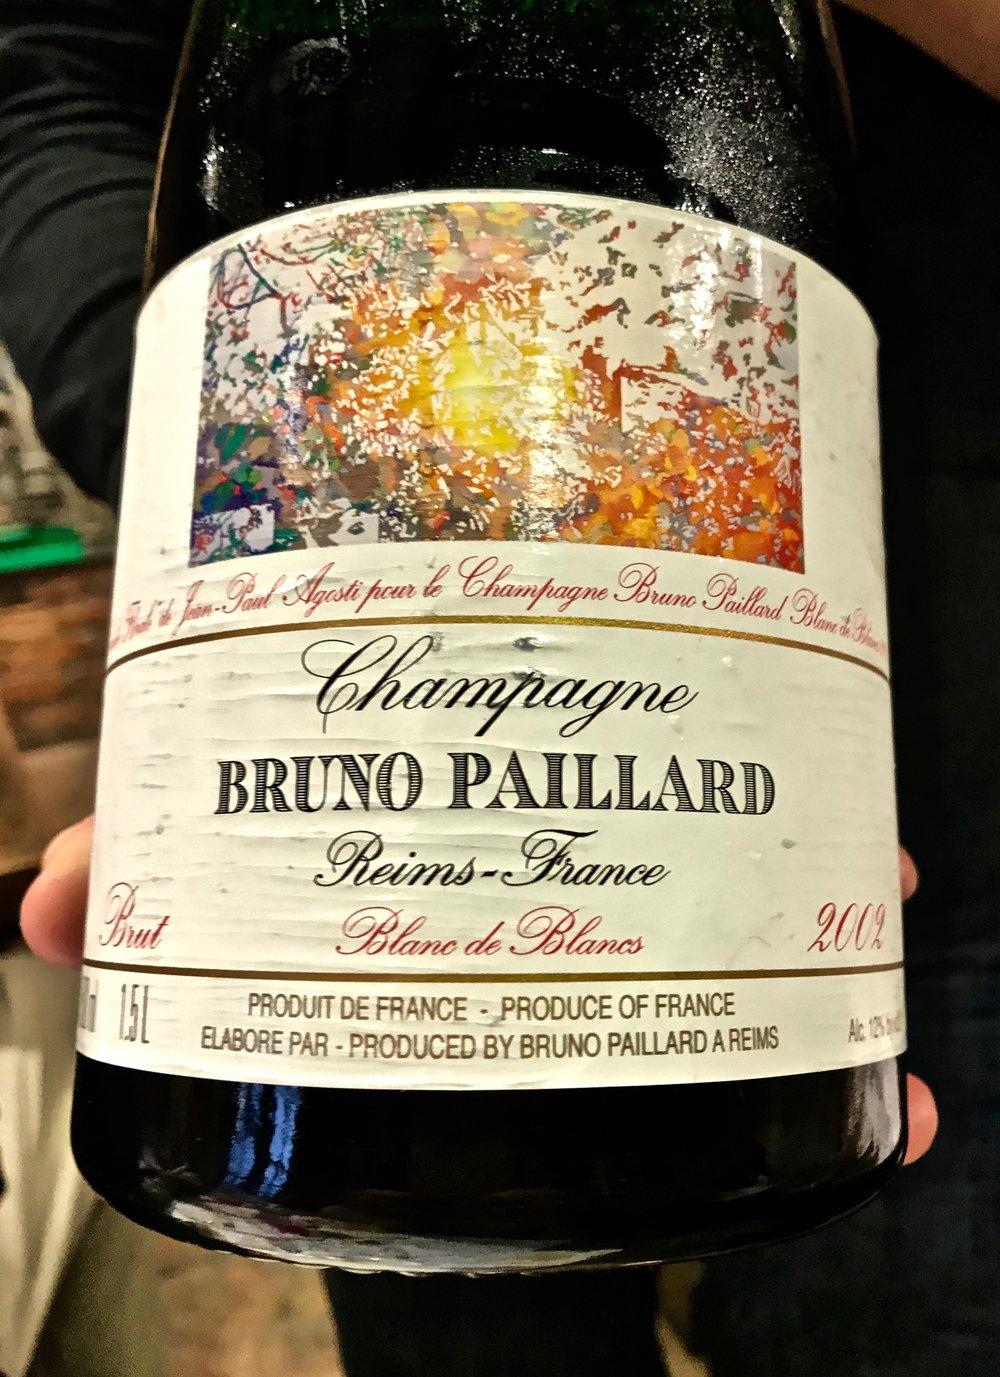 A vintage 2002 Bruno Paillard Blanc de Blancs.